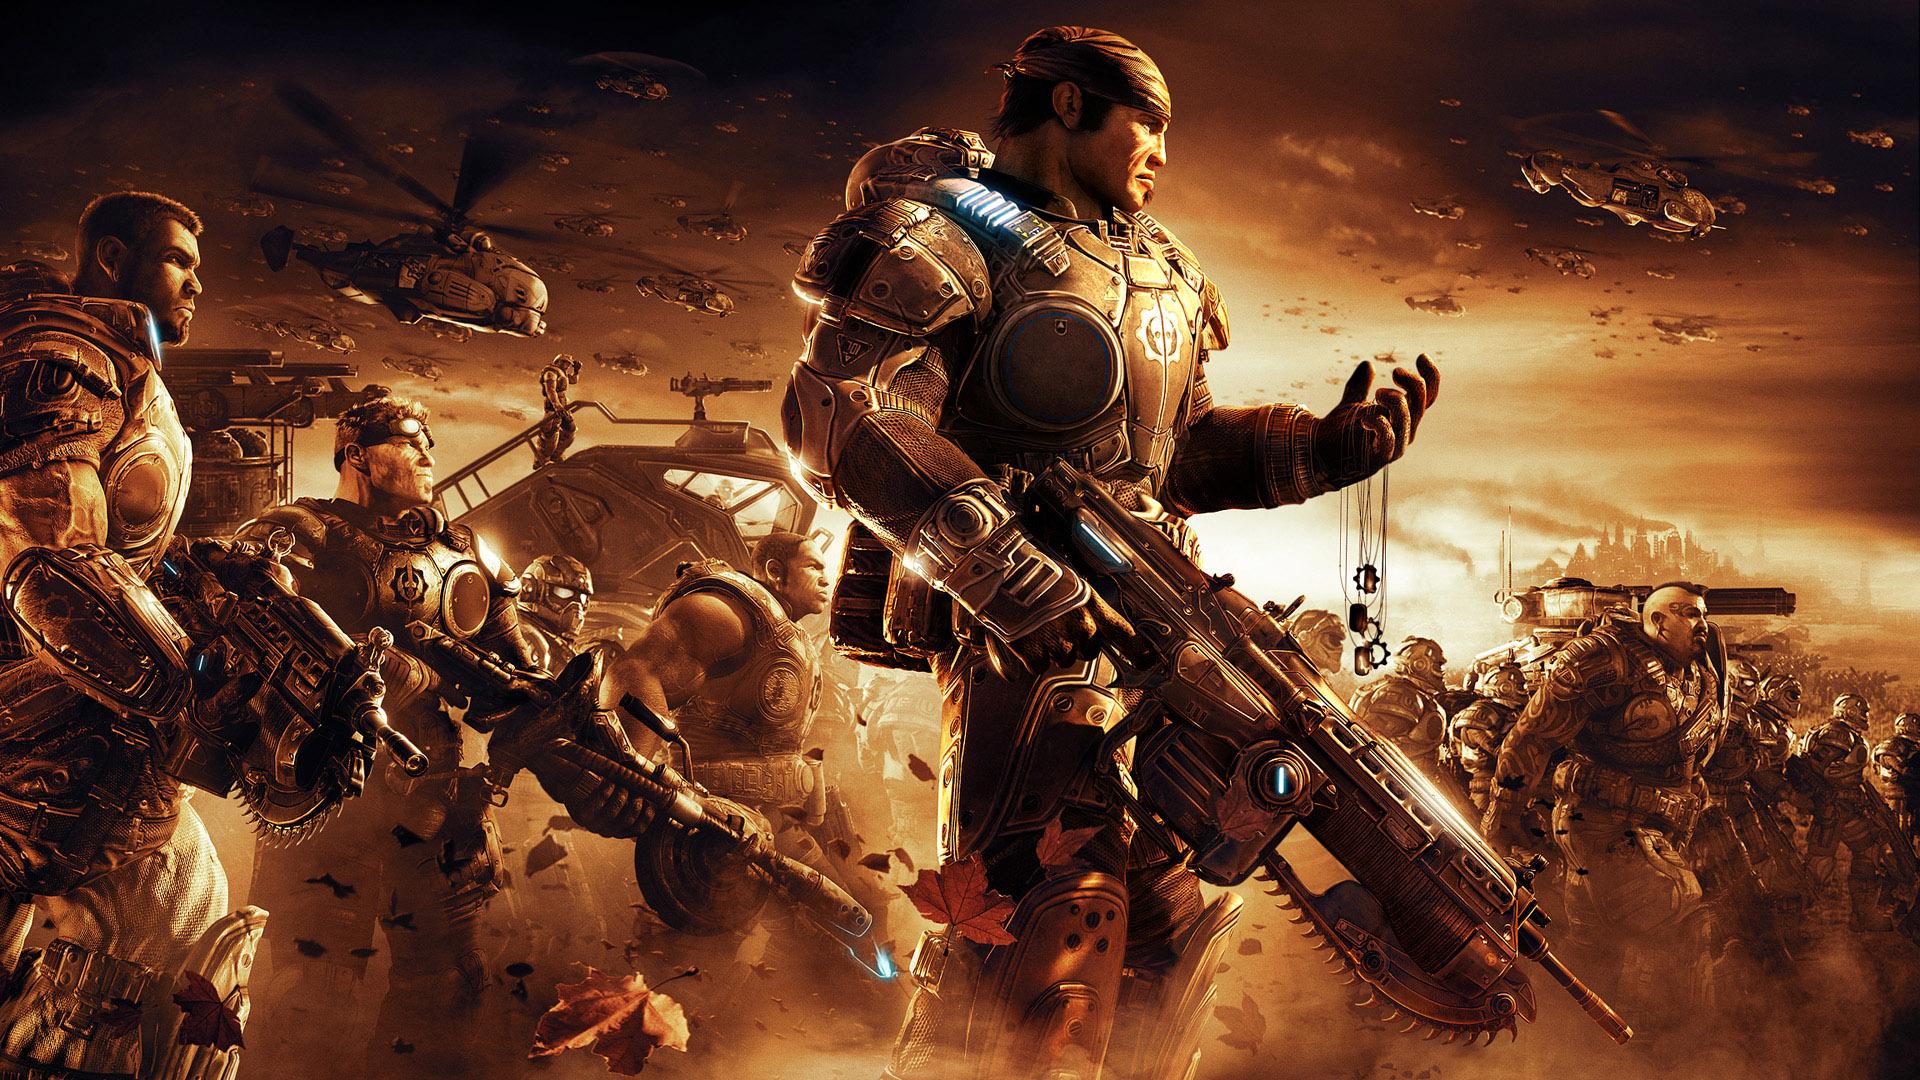 Wonderful Wallpaper Minecraft War - latest?cb\u003d20140506154732  Snapshot_345626.jpg/revision/latest?cb\u003d20140506154732